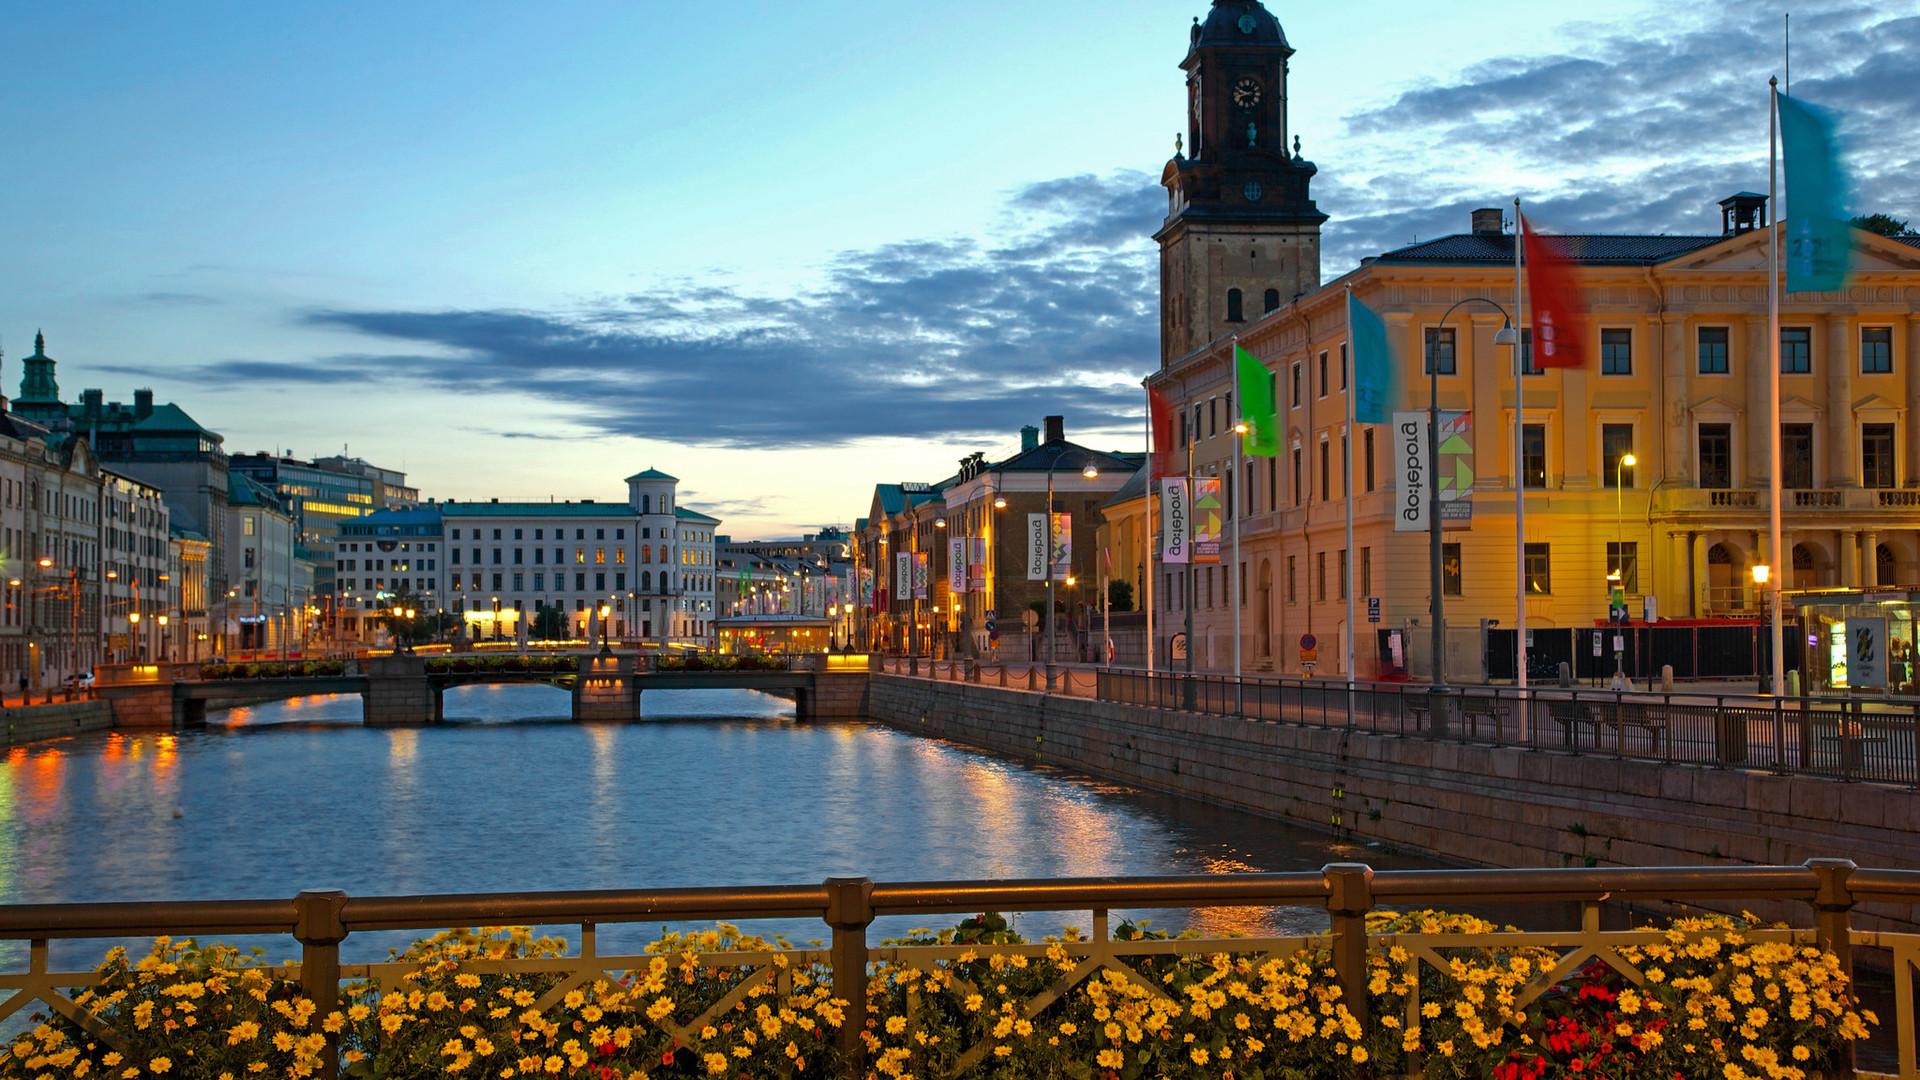 Gothenburg, Sweden pictures